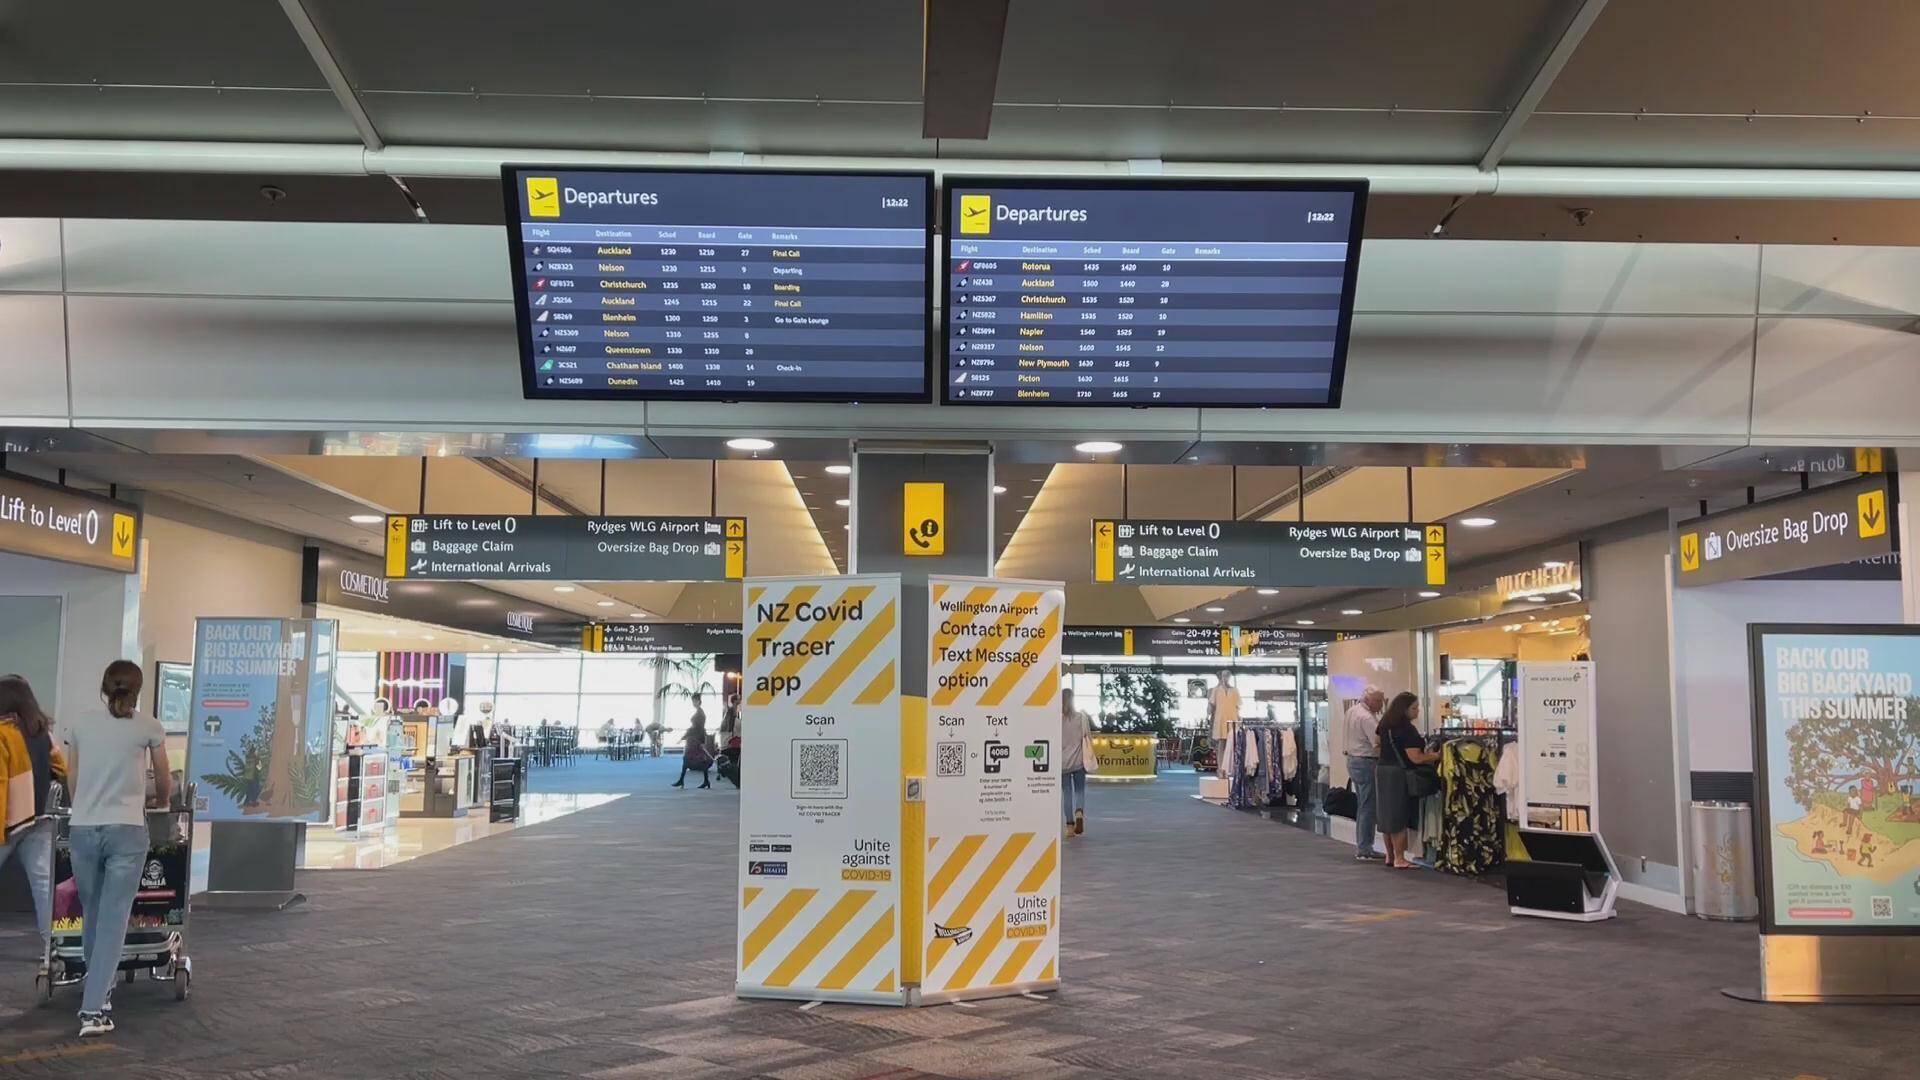 54秒丨旅客抵达新西兰须多次核酸检测并隔离 英美入境乘客须提供核检阴性证明